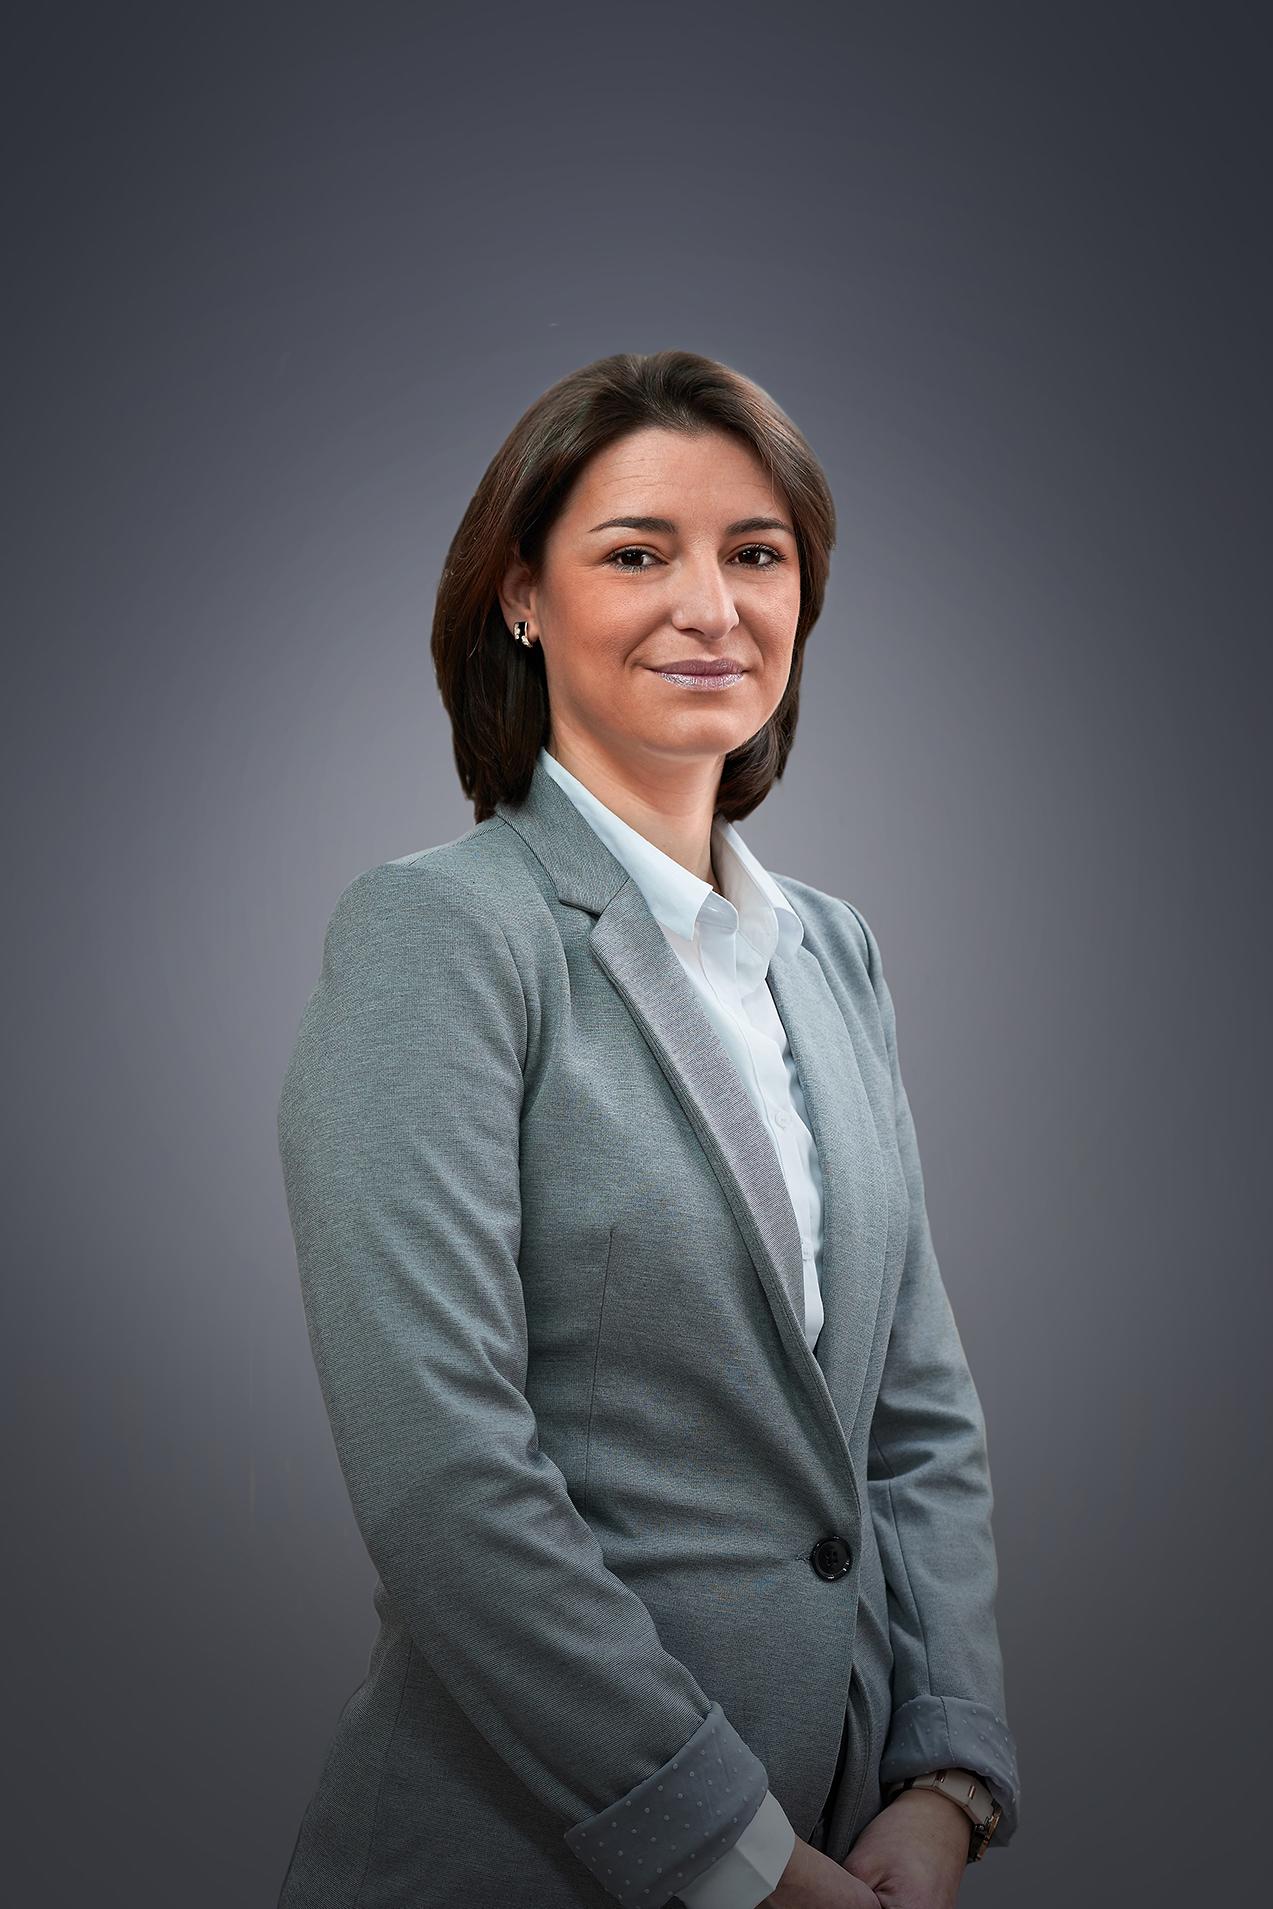 Laura Ferri Martínez